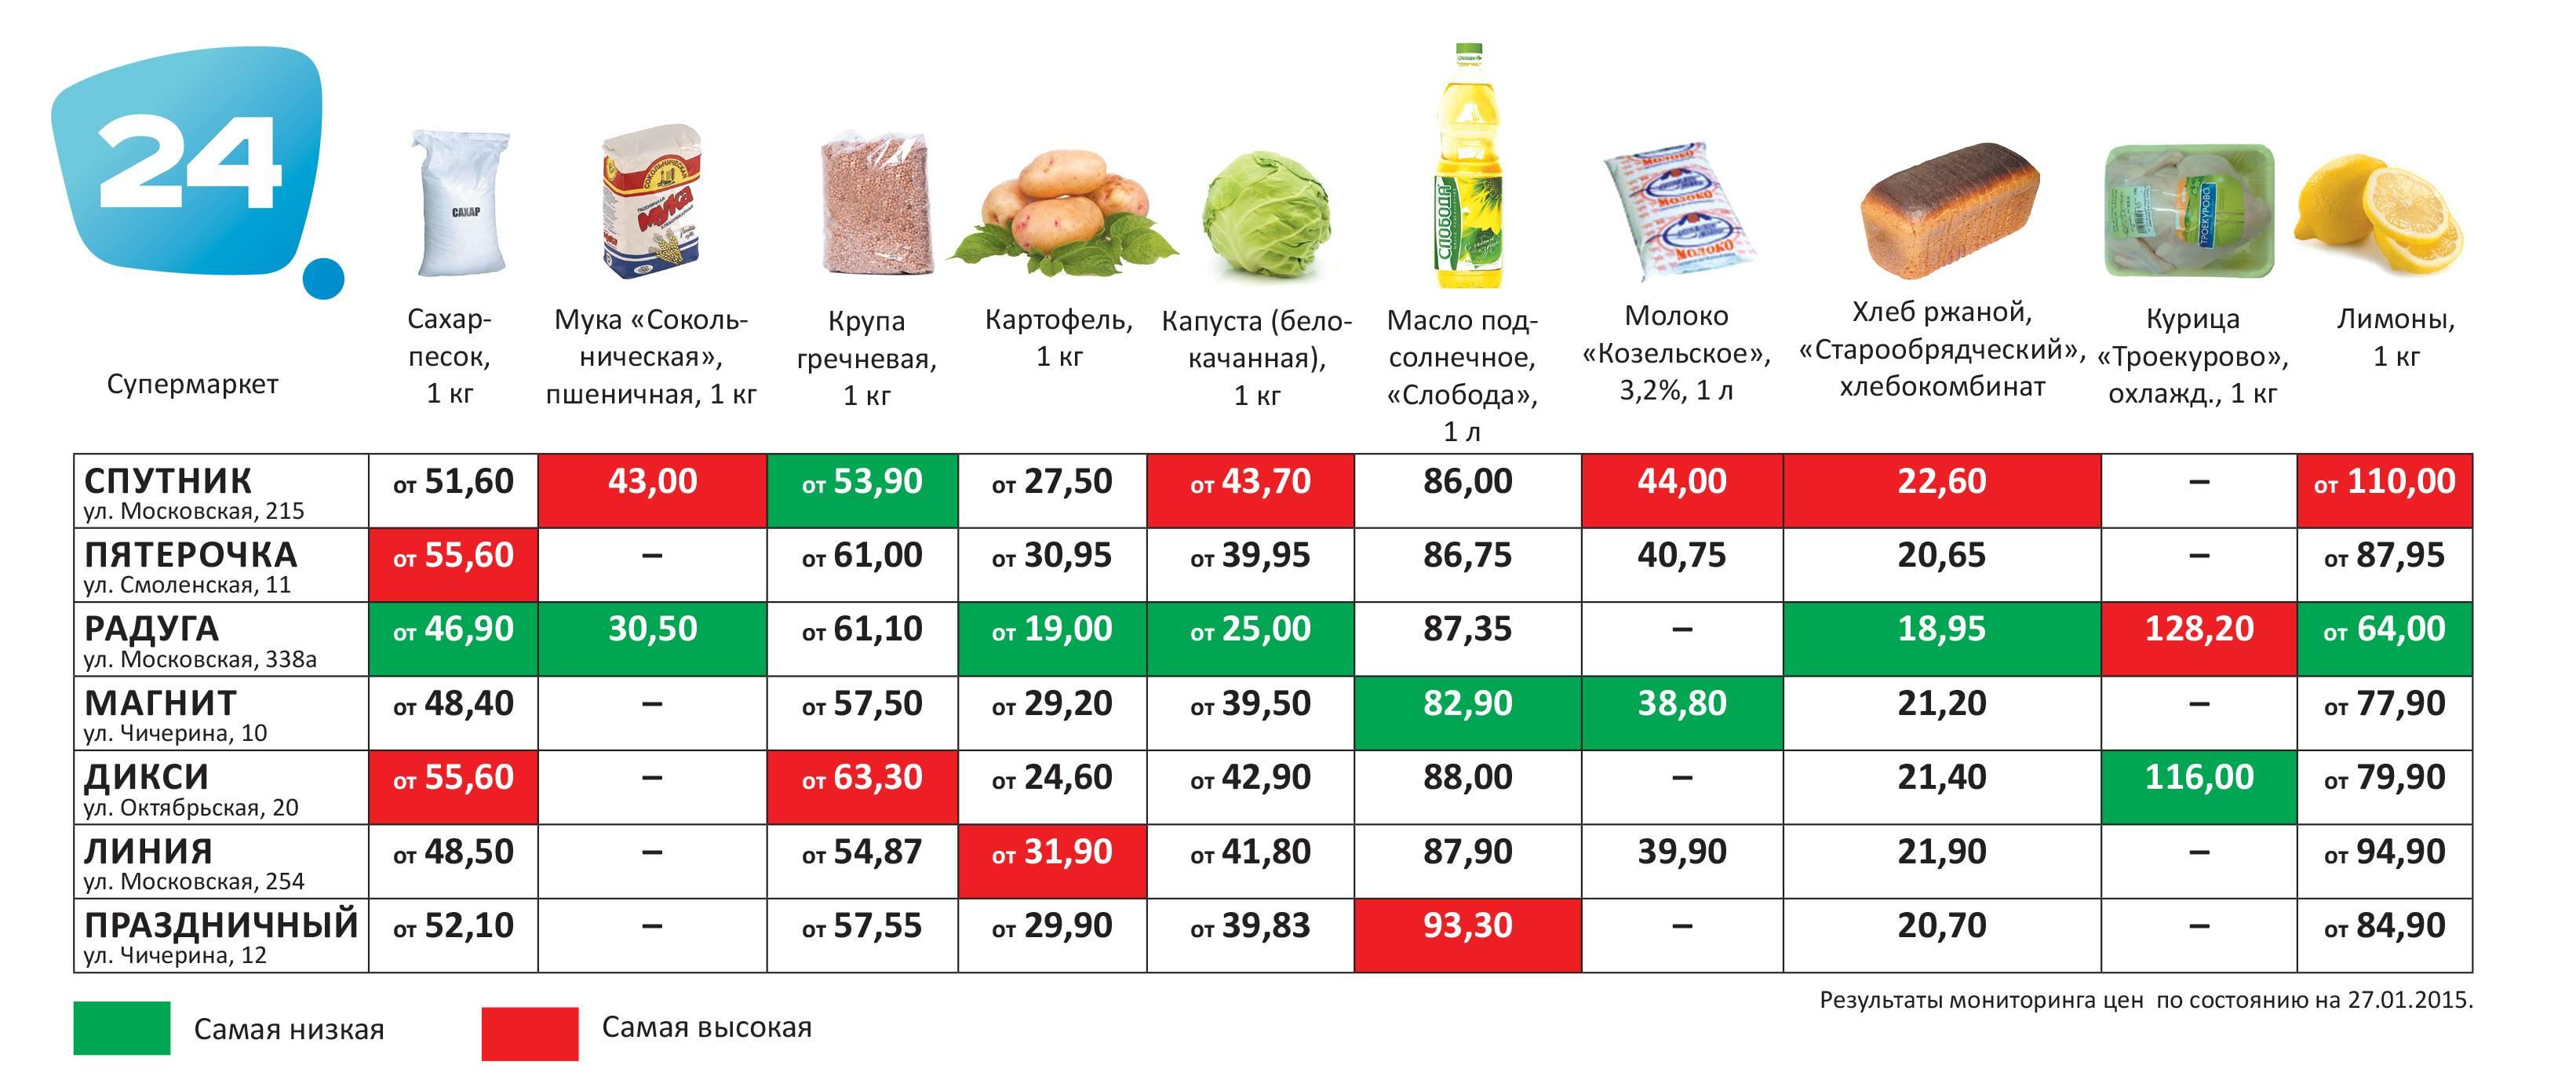 Цены в латвии на продукты, жилье, товары и услуги в 2021 году